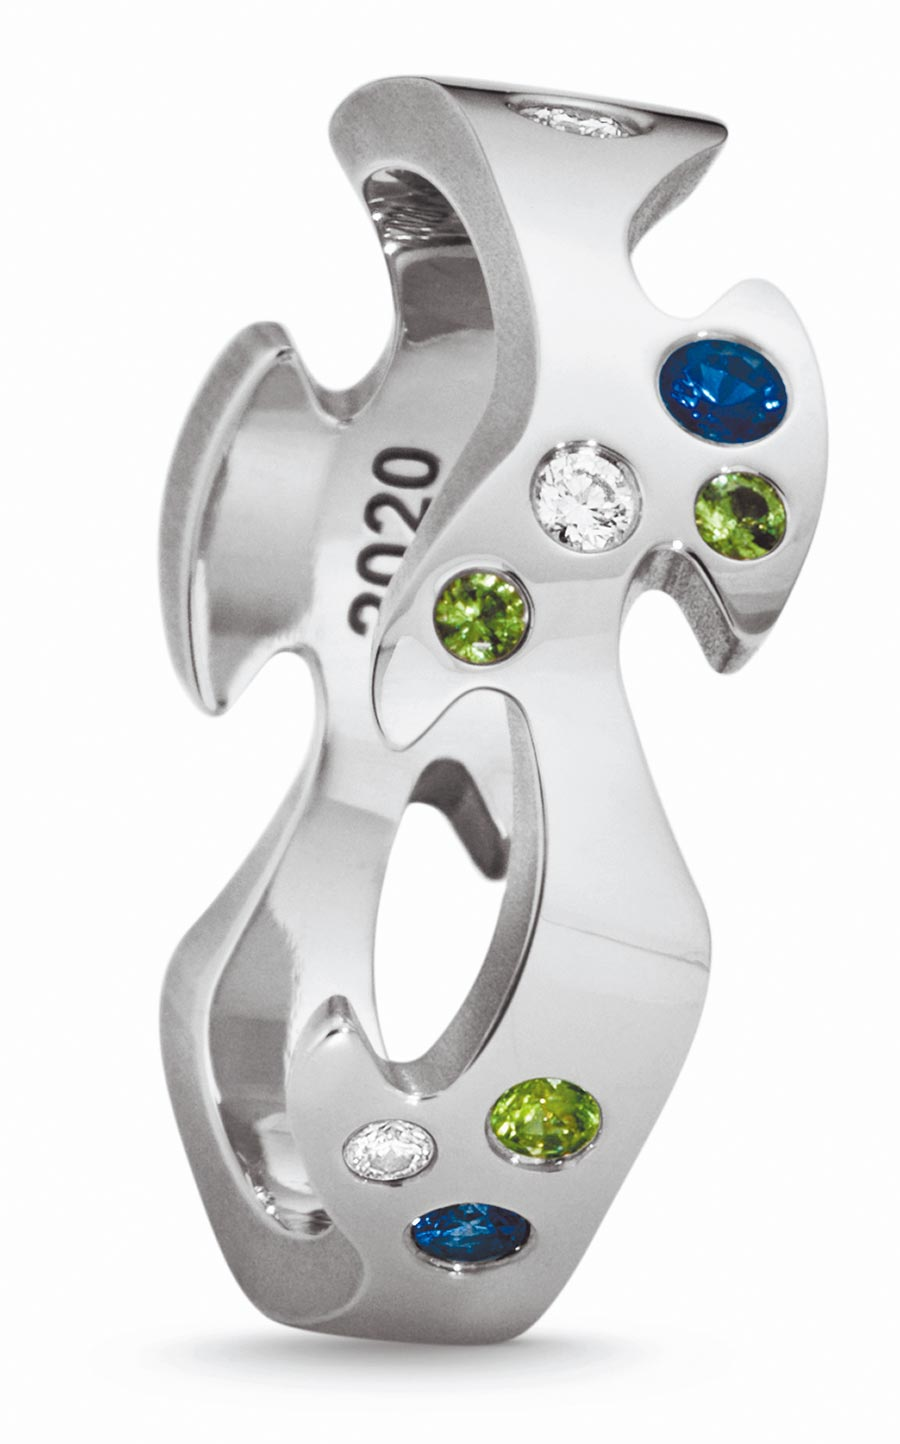 喬治傑生FUSION年度限量訂製白金中圈戒指,鑲嵌藍寶石、鑽石等,約6萬6600元起。(GEORG JENSEN提供)